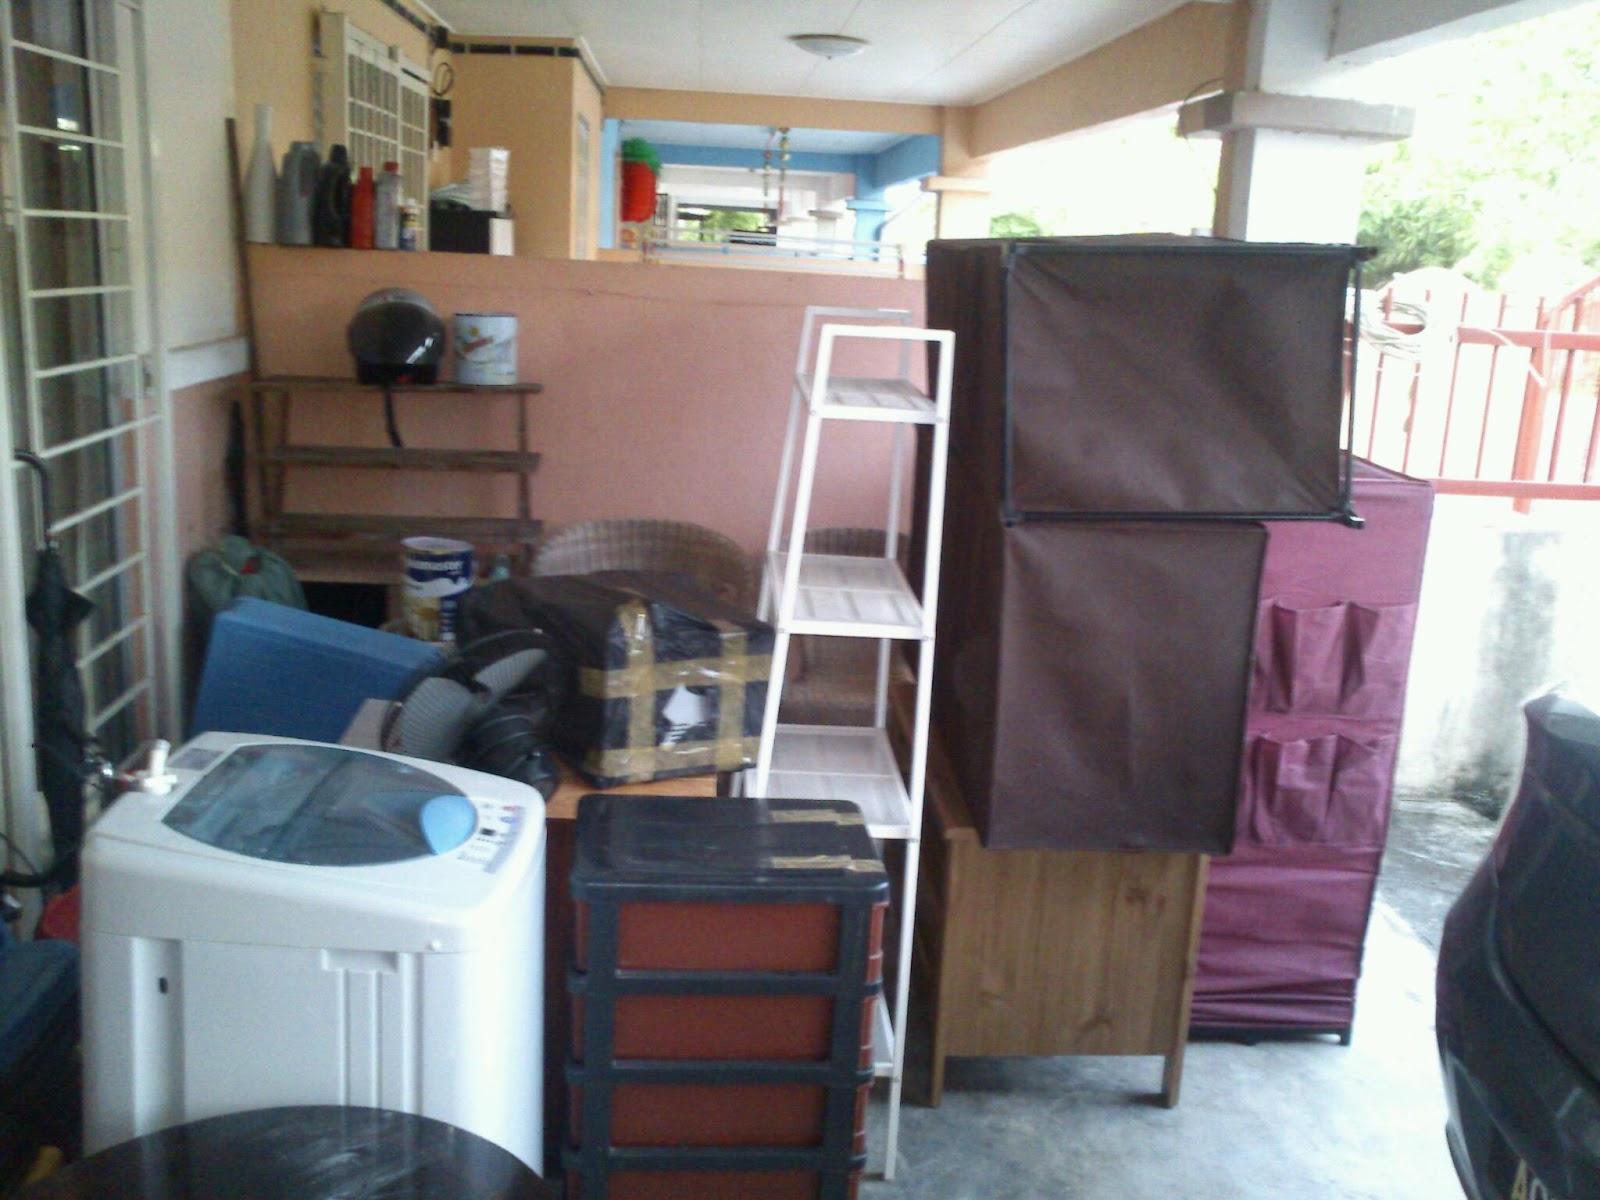 Mahabbah Qaseh: Senarai barang / keperluan untuk pindah